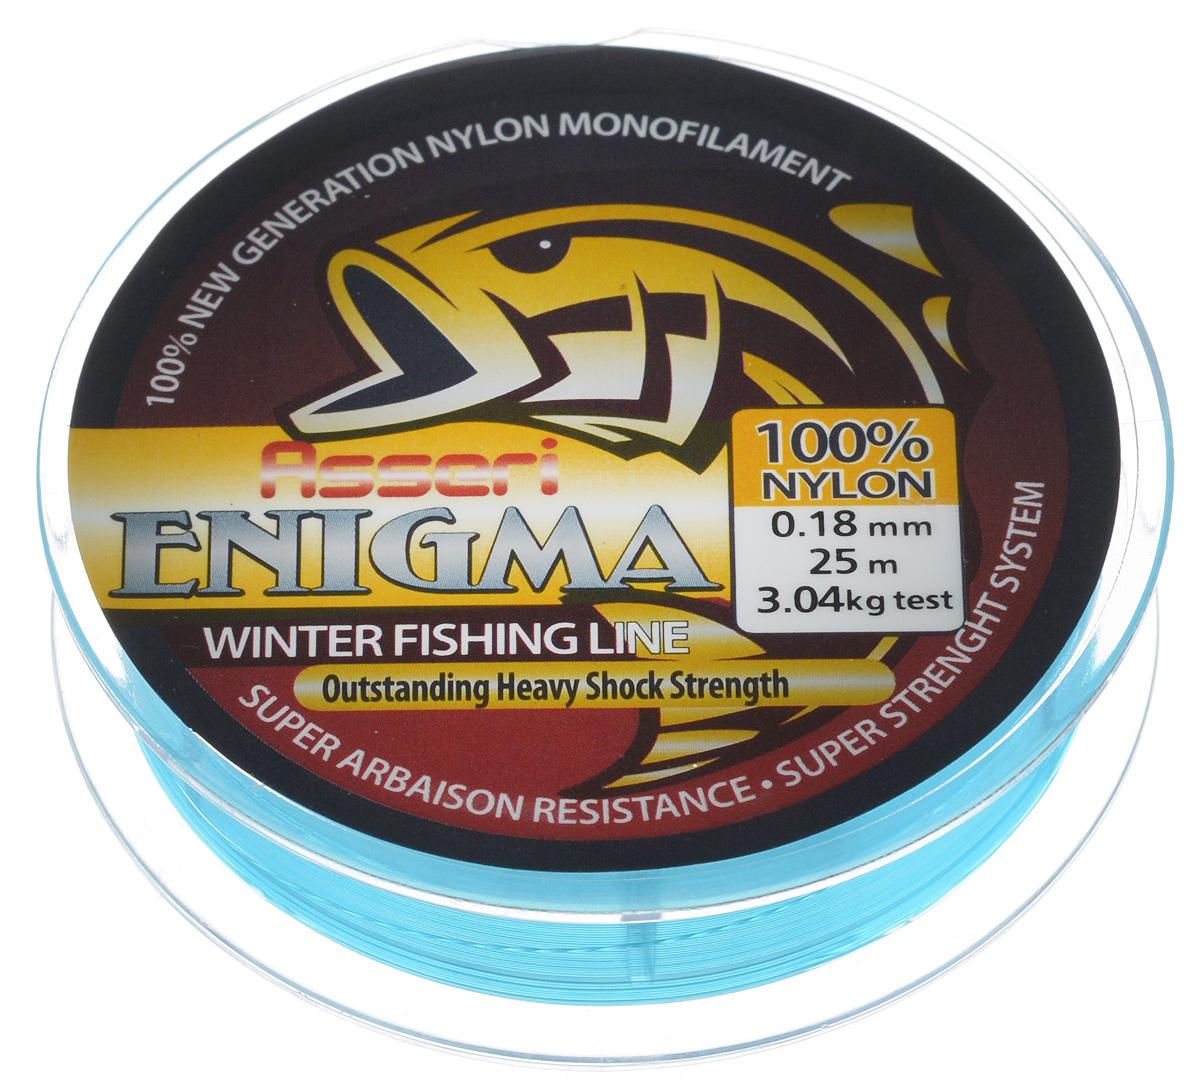 Леска зимняя Asseri Enigma, цвет: синий, 25 м, 0,18 мм, 3,04 кгШар-18ТЛЛеска Asseri Enigma изготовлена из 100% нейлона и рассчитана на рыбную ловлю в зимних условиях. Она очень прочная, хорошо тянется и долговечна в применении. Цветная расцветка лески помогает визуально наблюдать за тем, чтобы леска не путалась и не провисала.